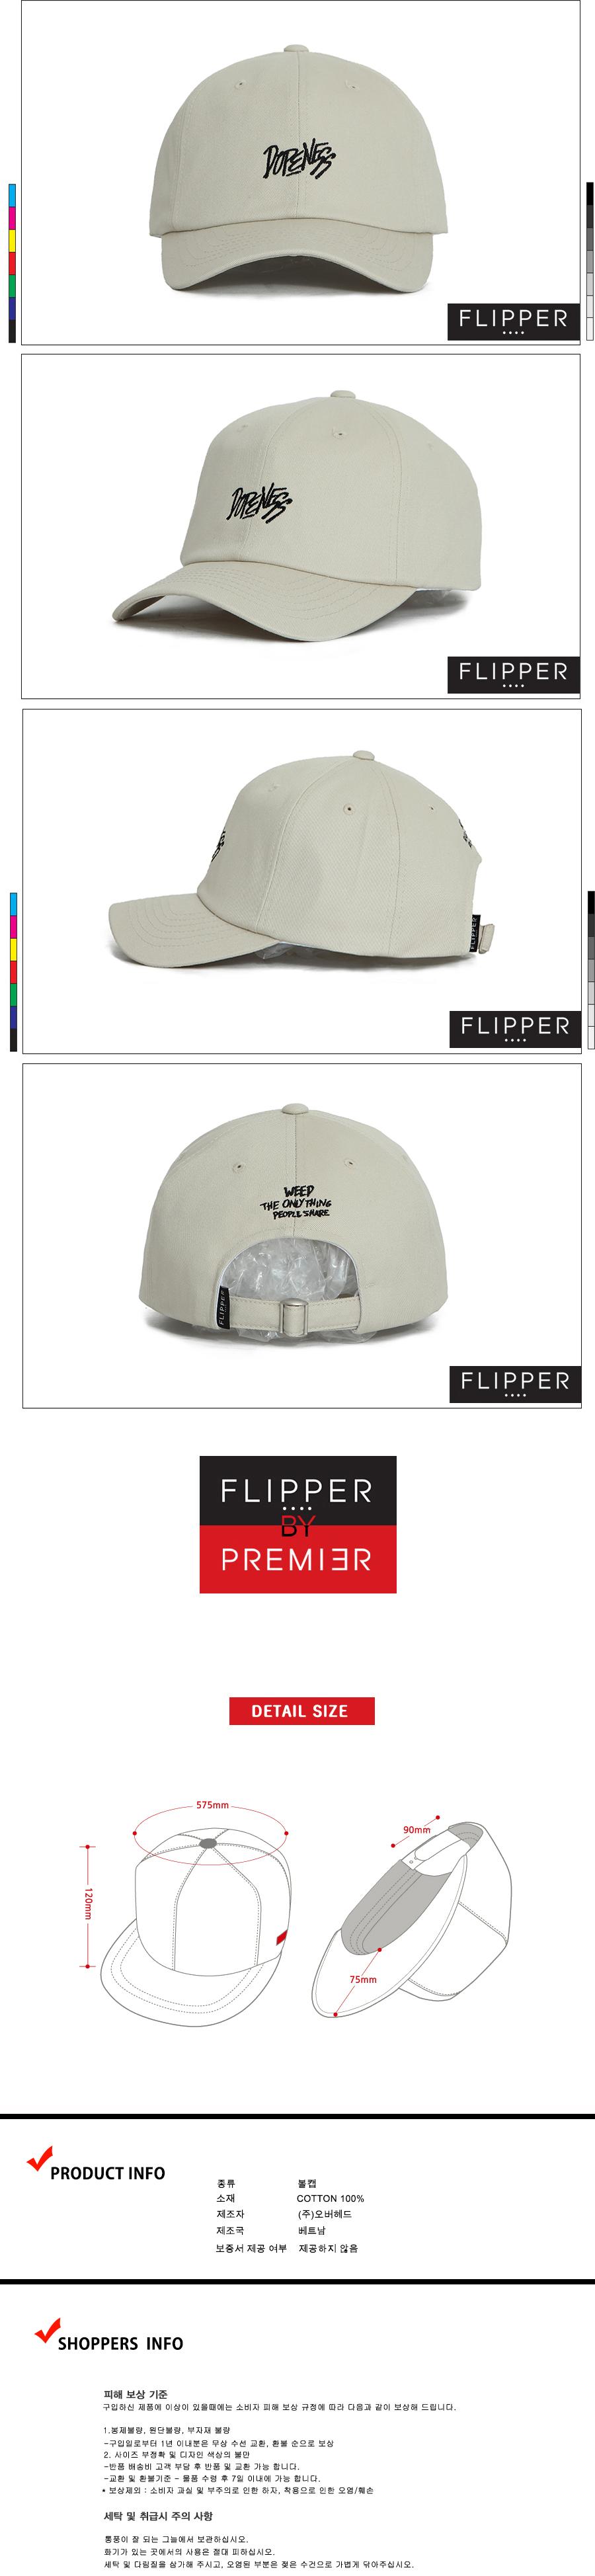 [ PREMIER ] [Premier] Flipper Ball Cap Dopeness Beige (FL098)